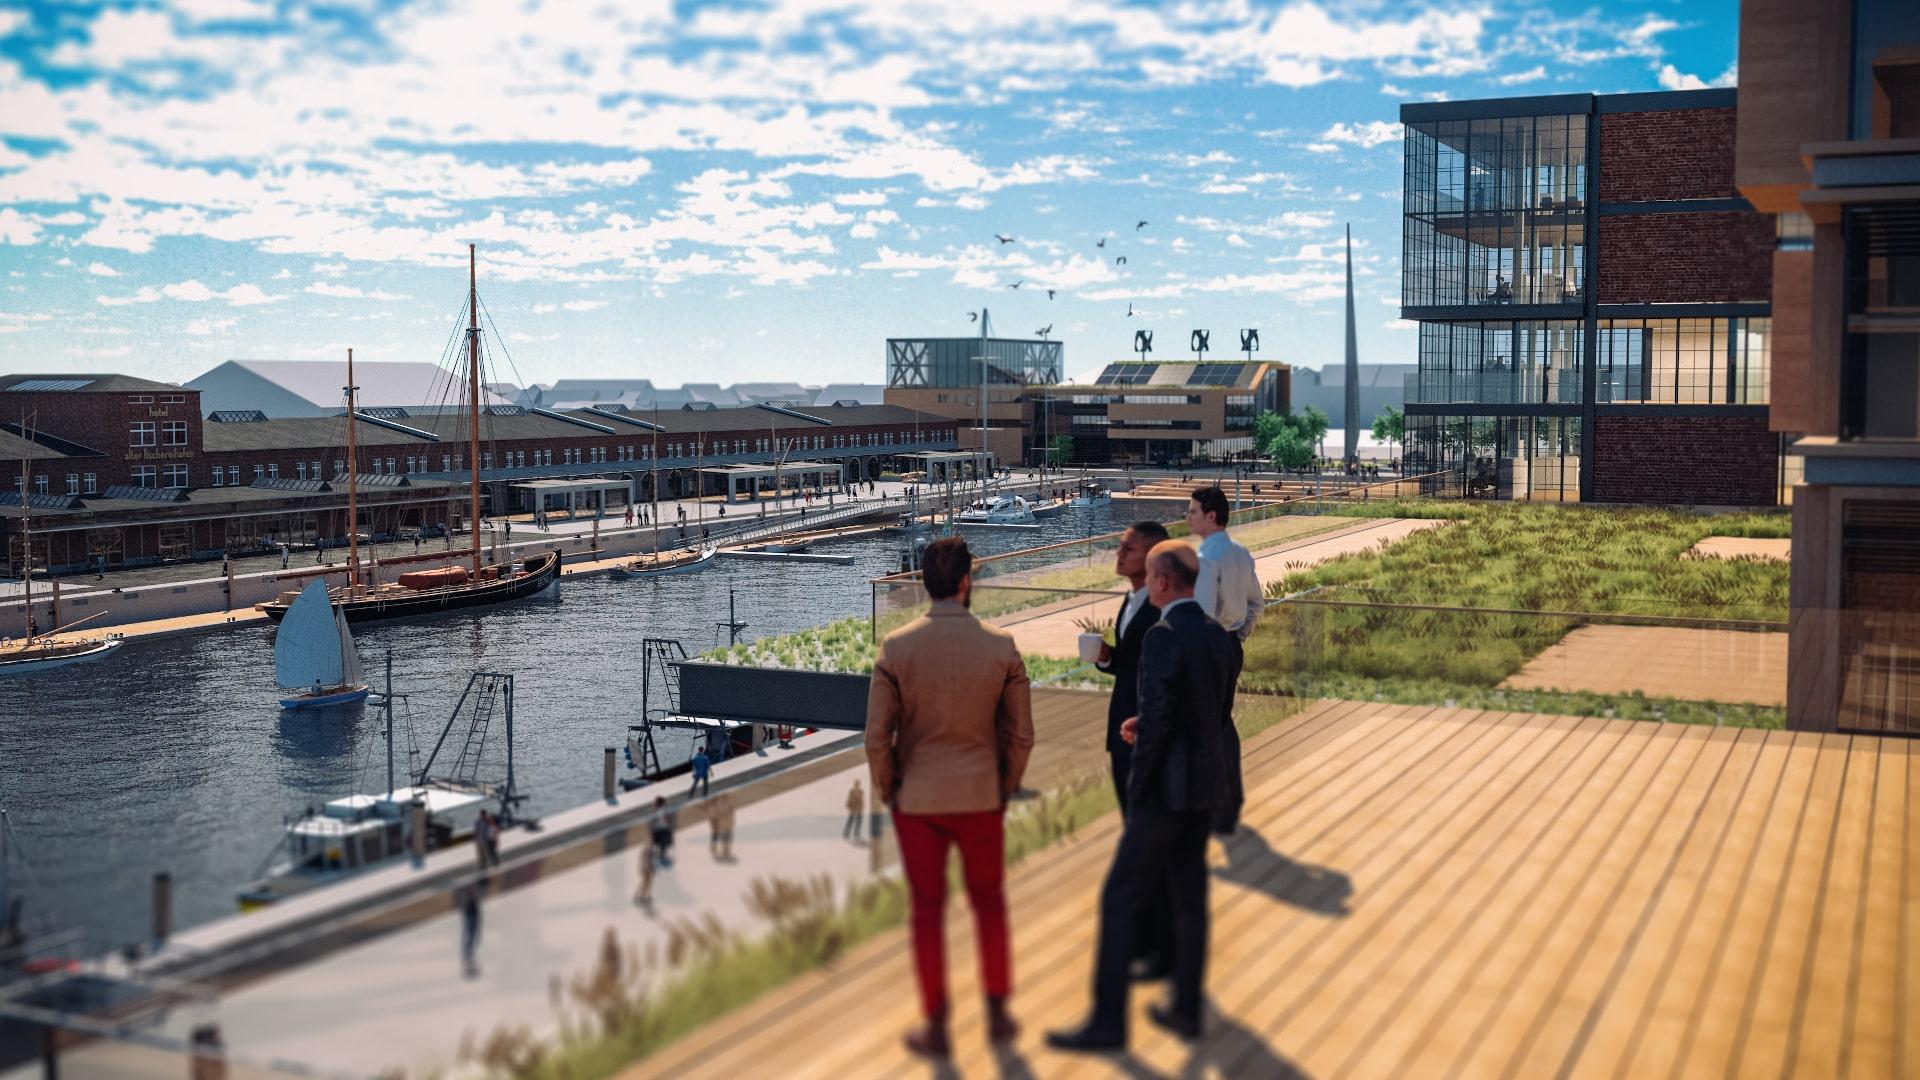 Destinationsentwicklung Quartier Alter Fischereihafen Cuxhaven Ausblick Wasser Going Places